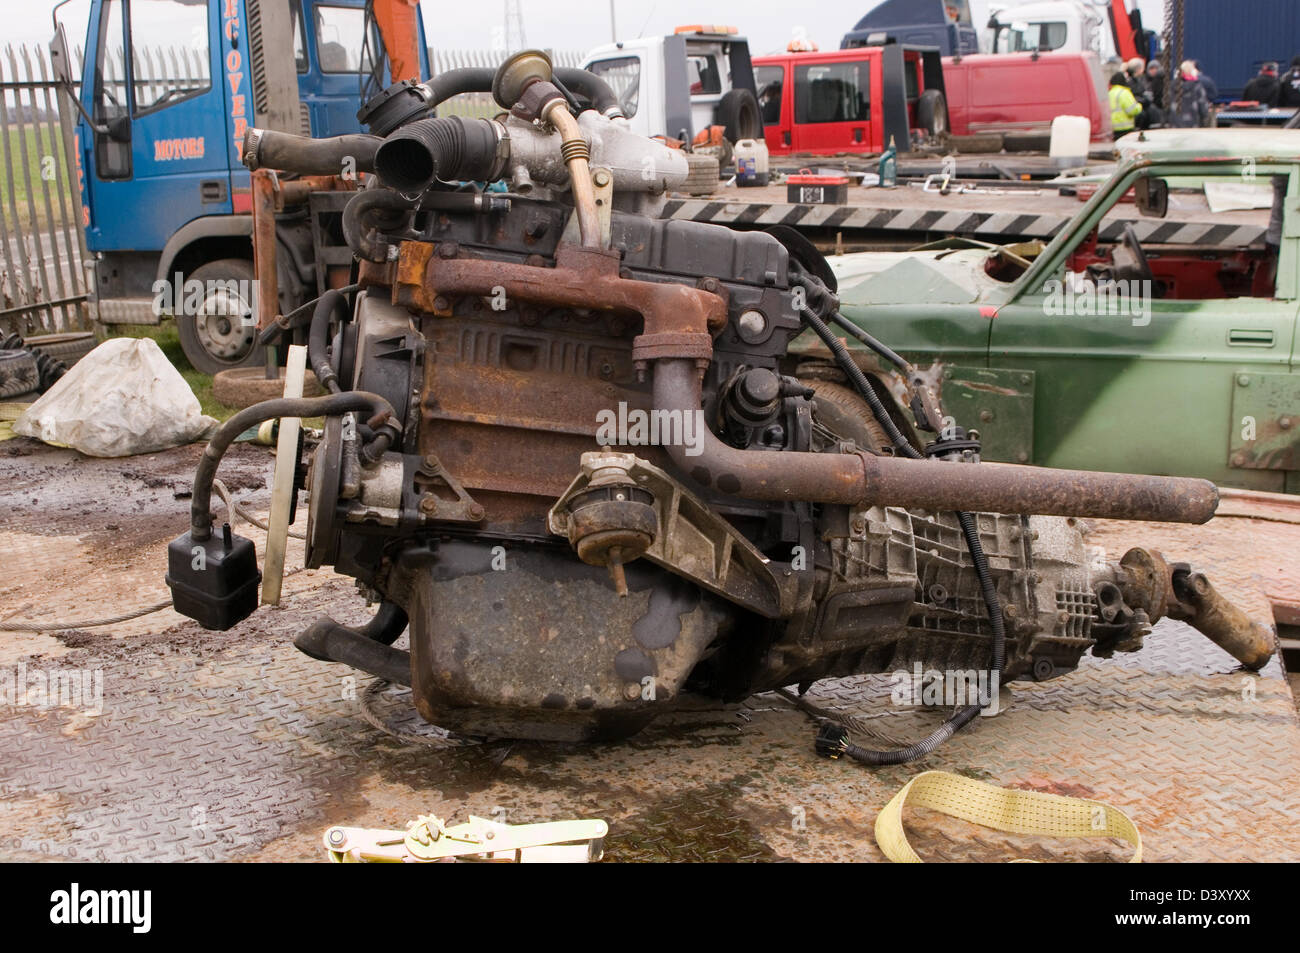 scrap engine car cars engines metal old junk scrapyard scrapyards ...